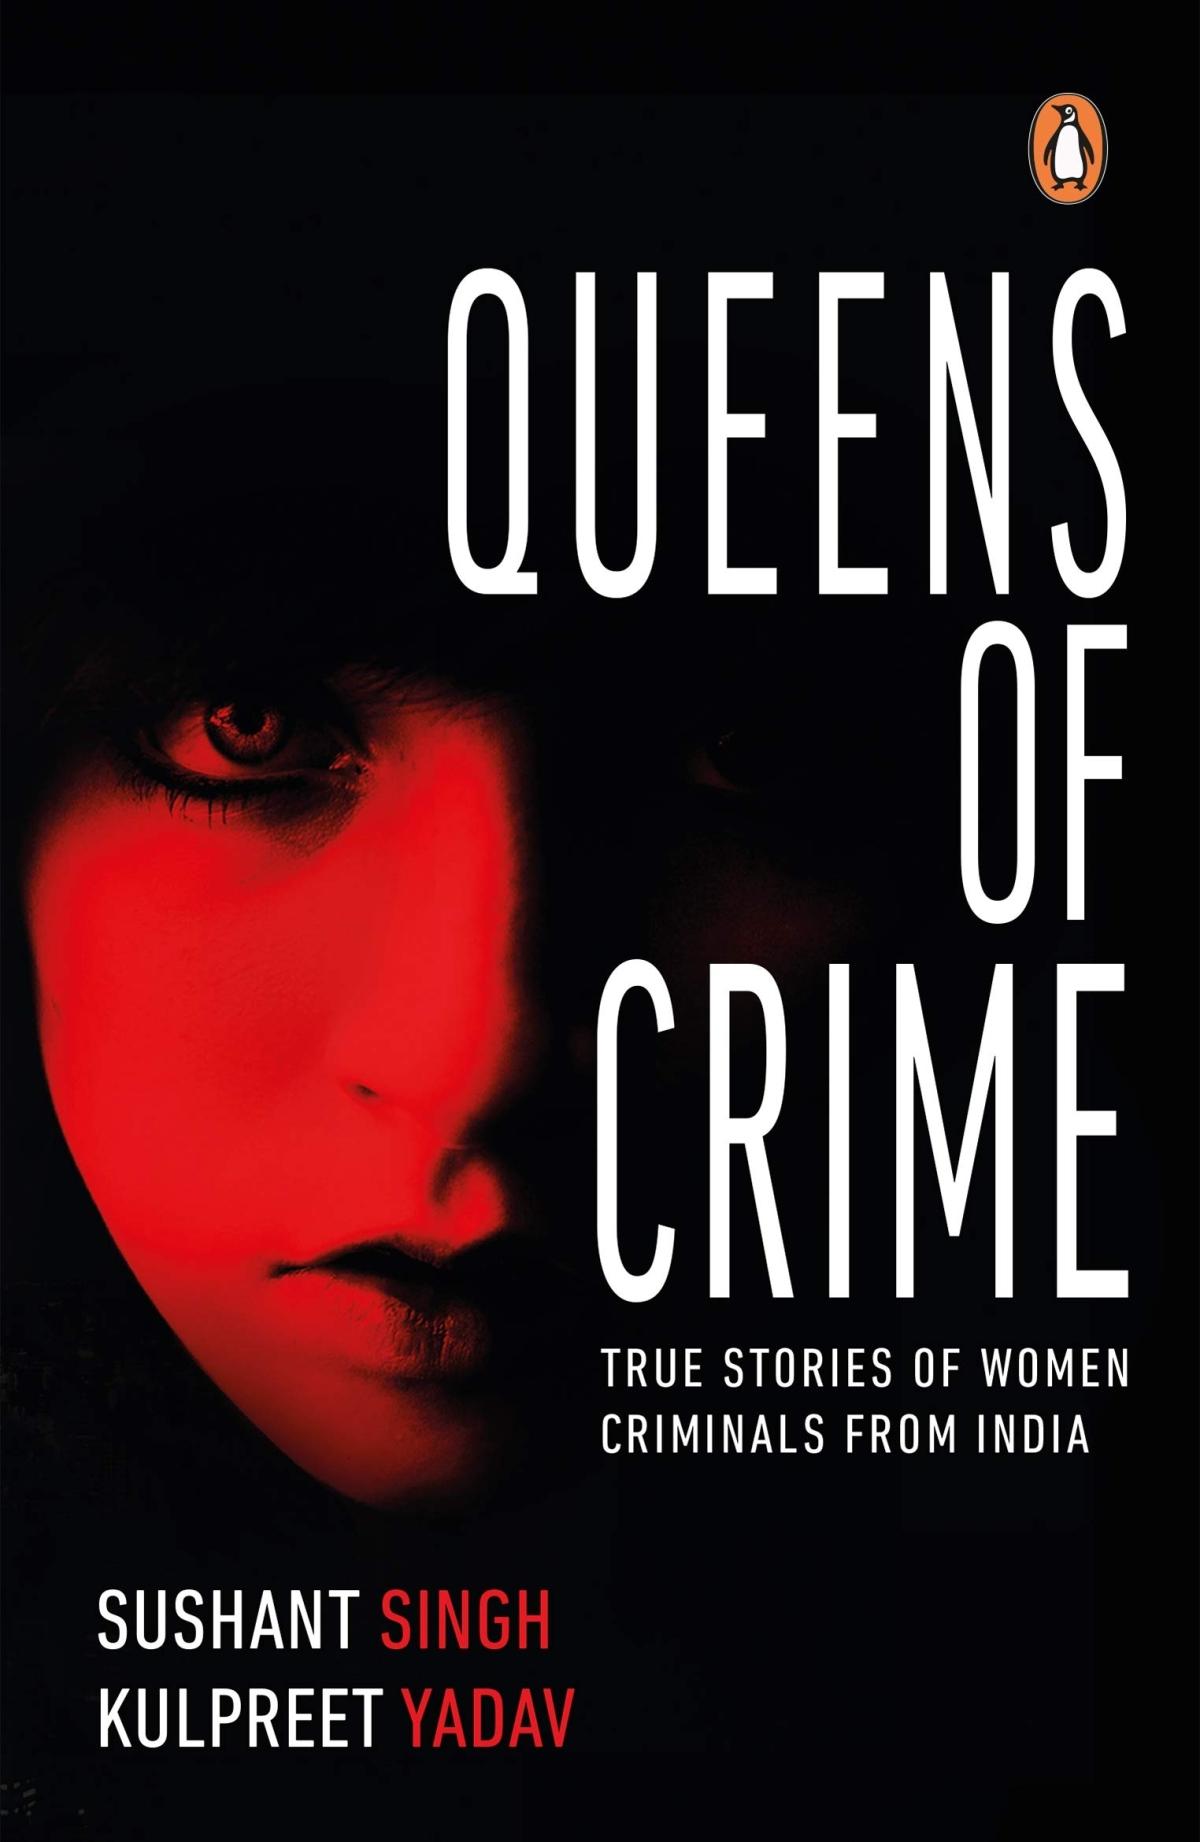 Crime knows no gender